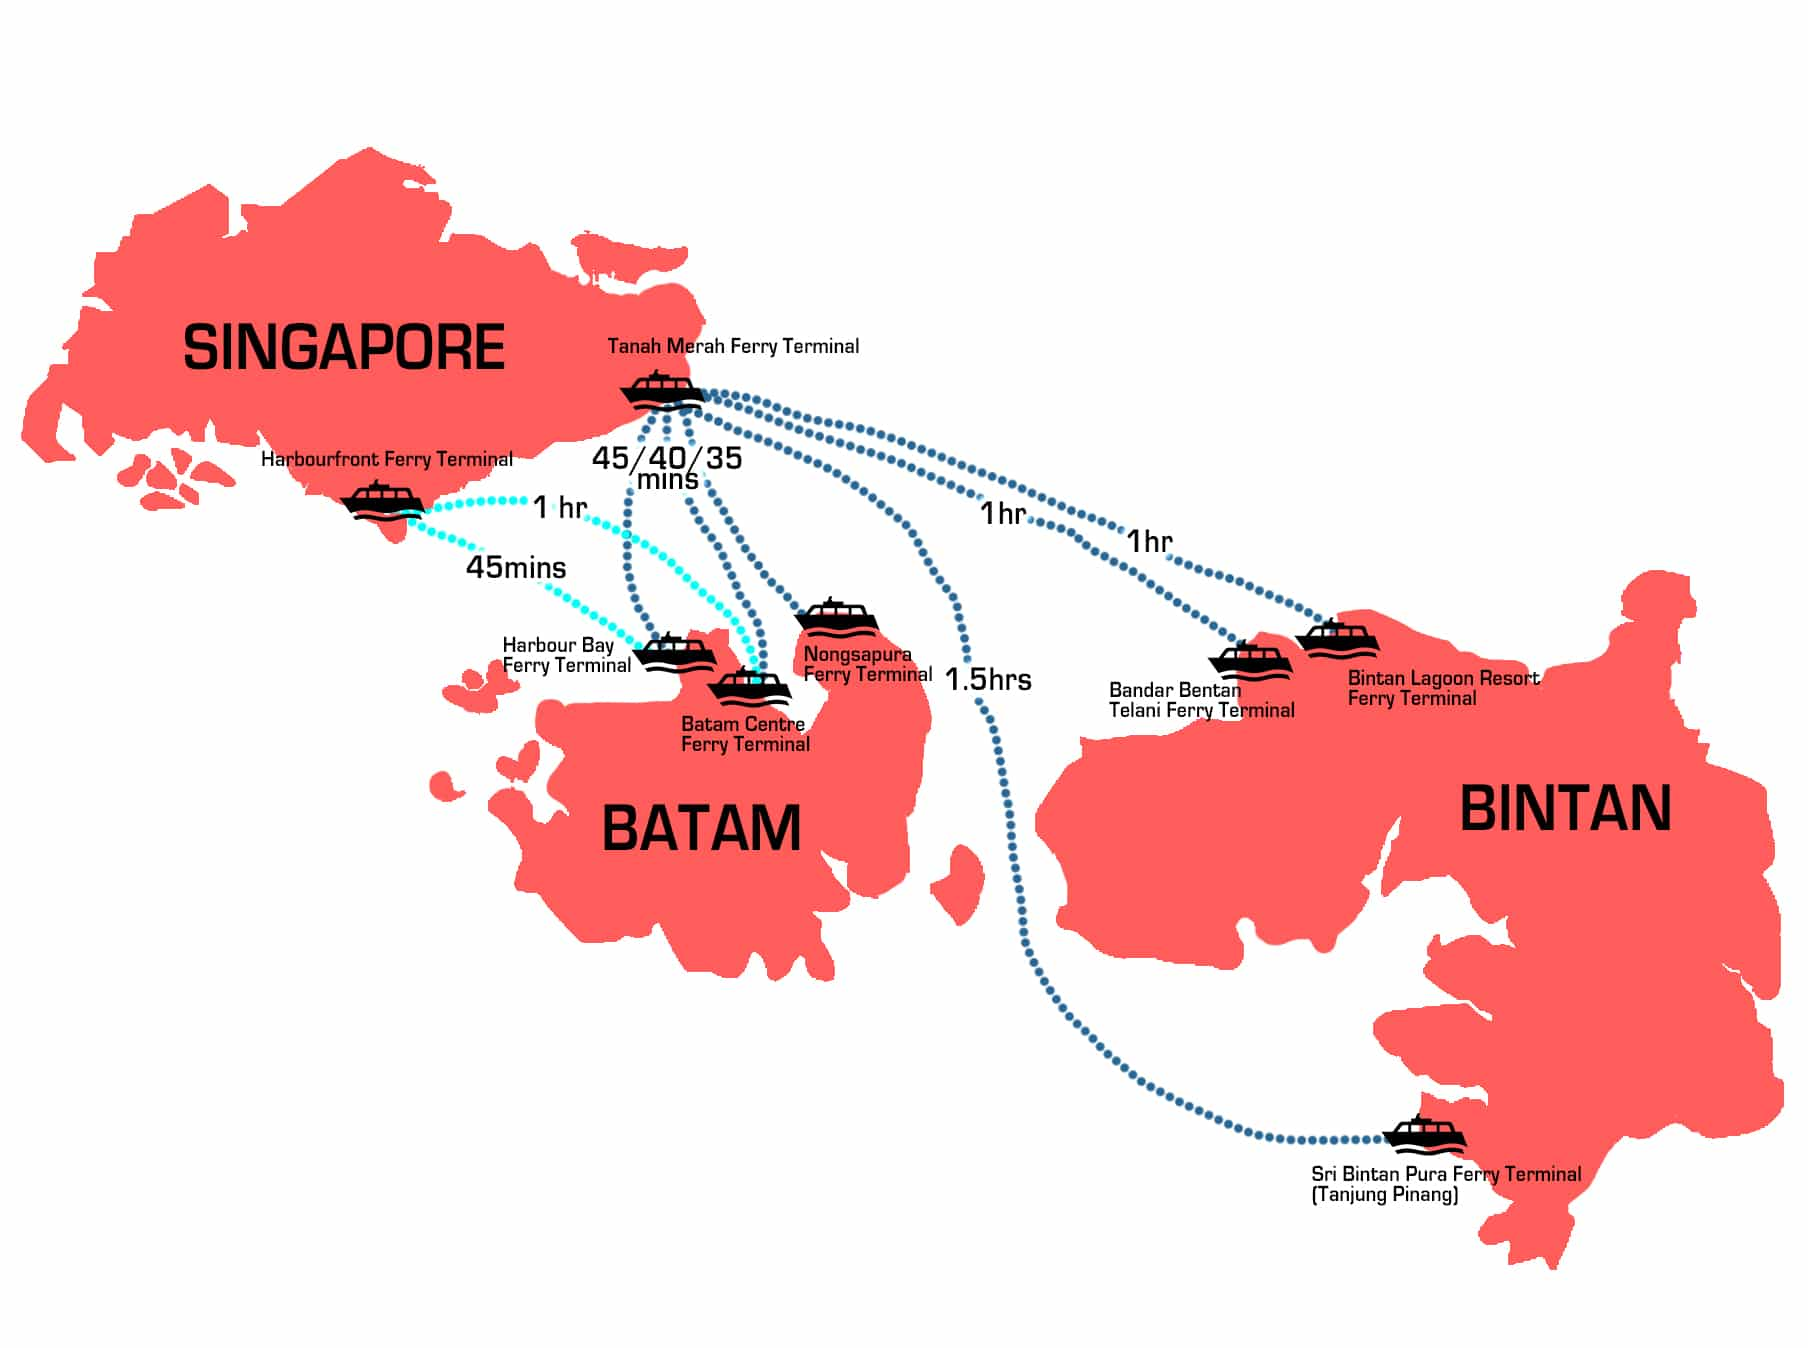 Ferry Terminals between Singapore-Bintan-Batam